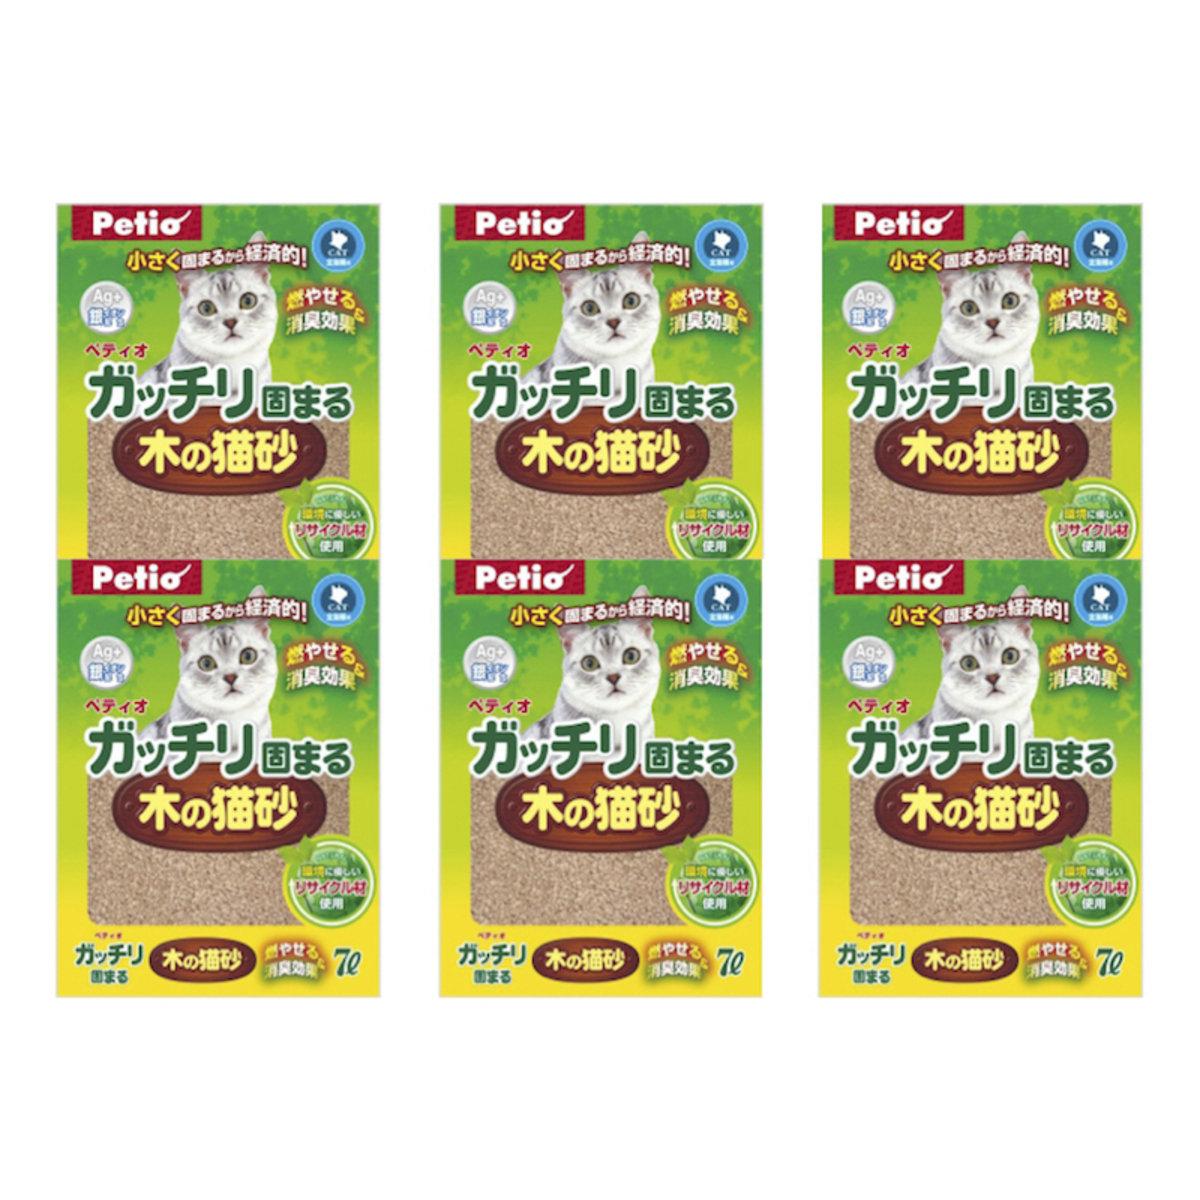 [日本直送]貓專用 Petio 特強凝結抗菌木砂(W21156)7Lx6